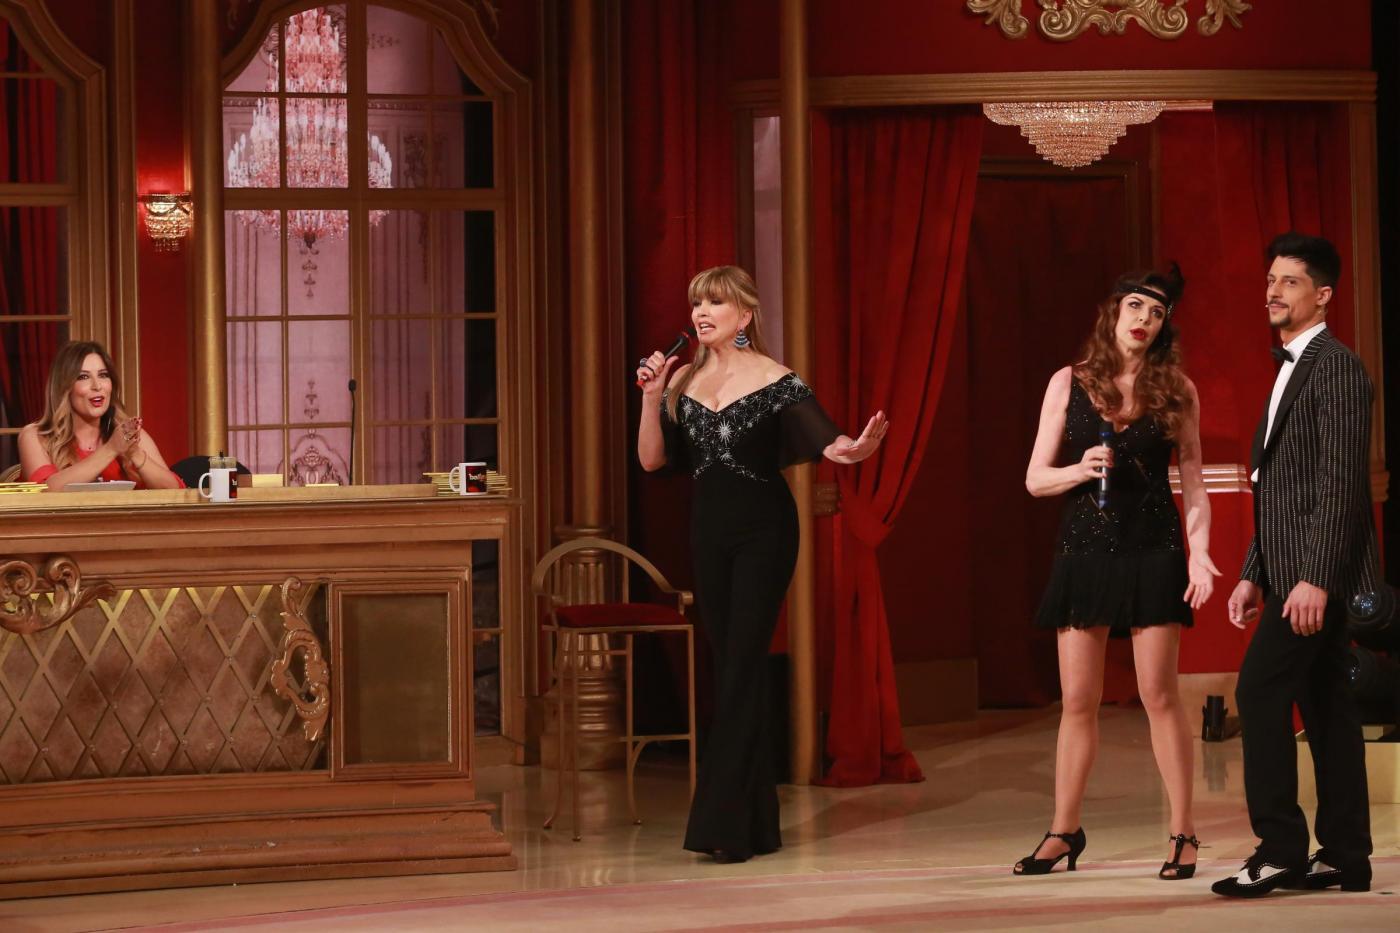 Ballando con le stelle, Alba Parietti e Selvaggia Lucarelli si avviano allo scontro finale: 'O io o lei'